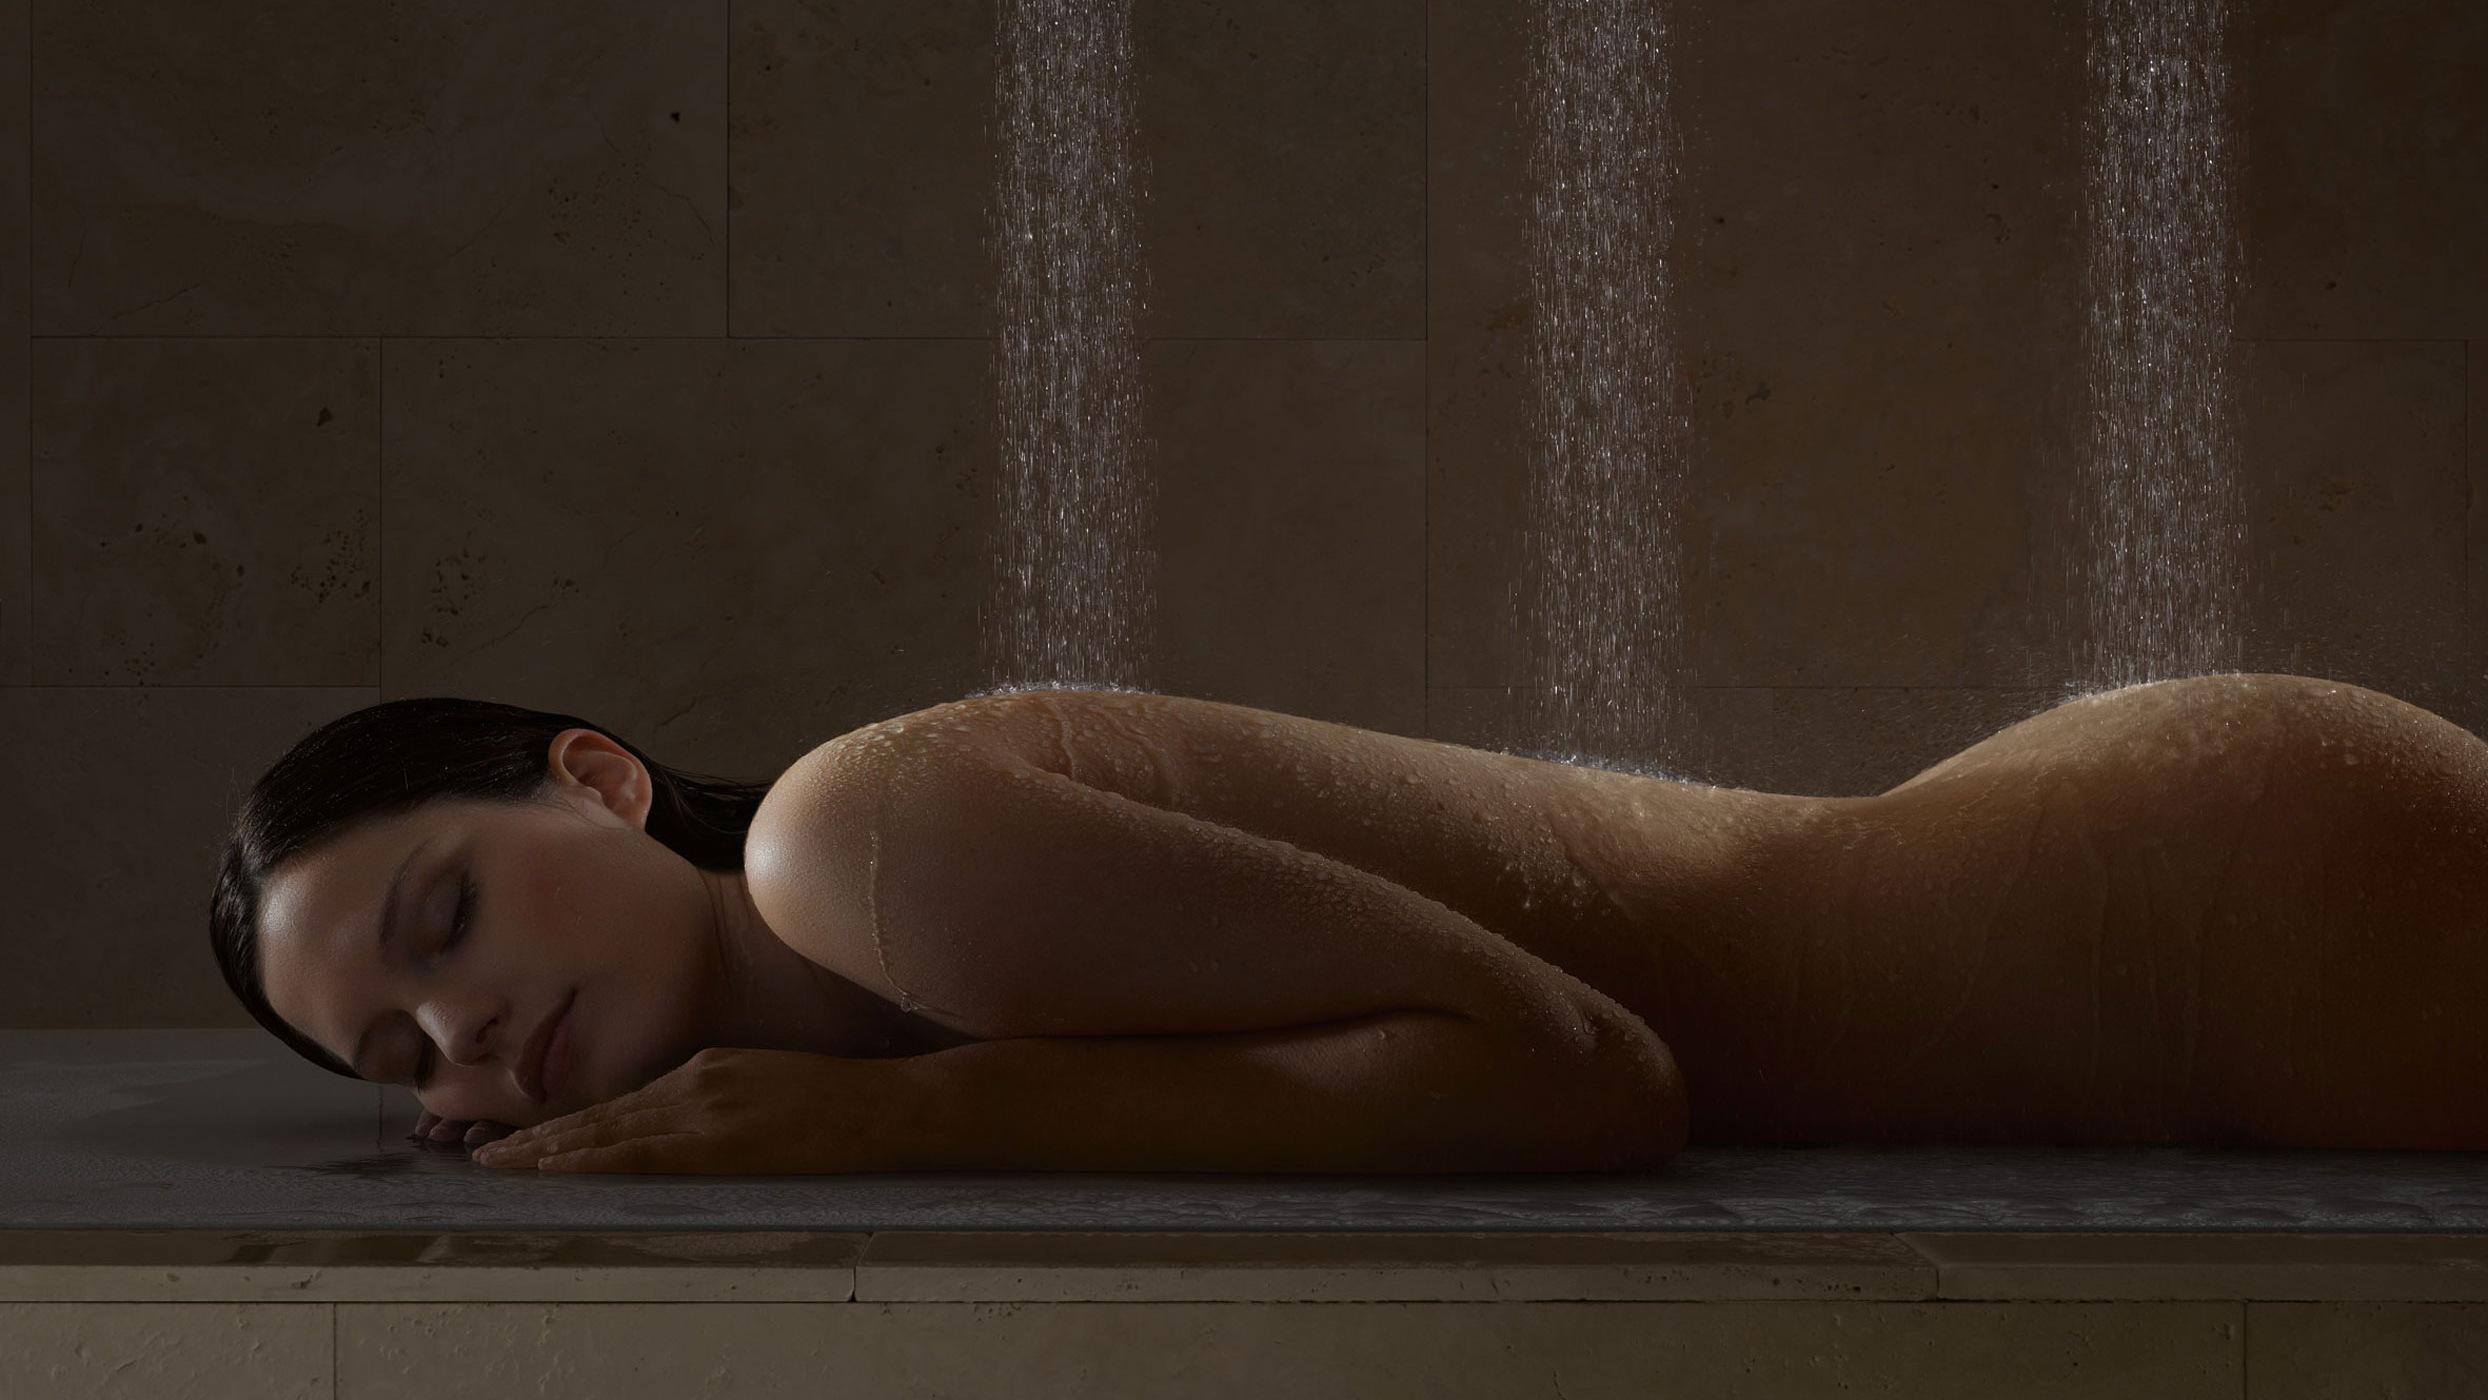 Тётя мылась в душе, Тетя в душе: смотреть русское порно видео онлайн 11 фотография